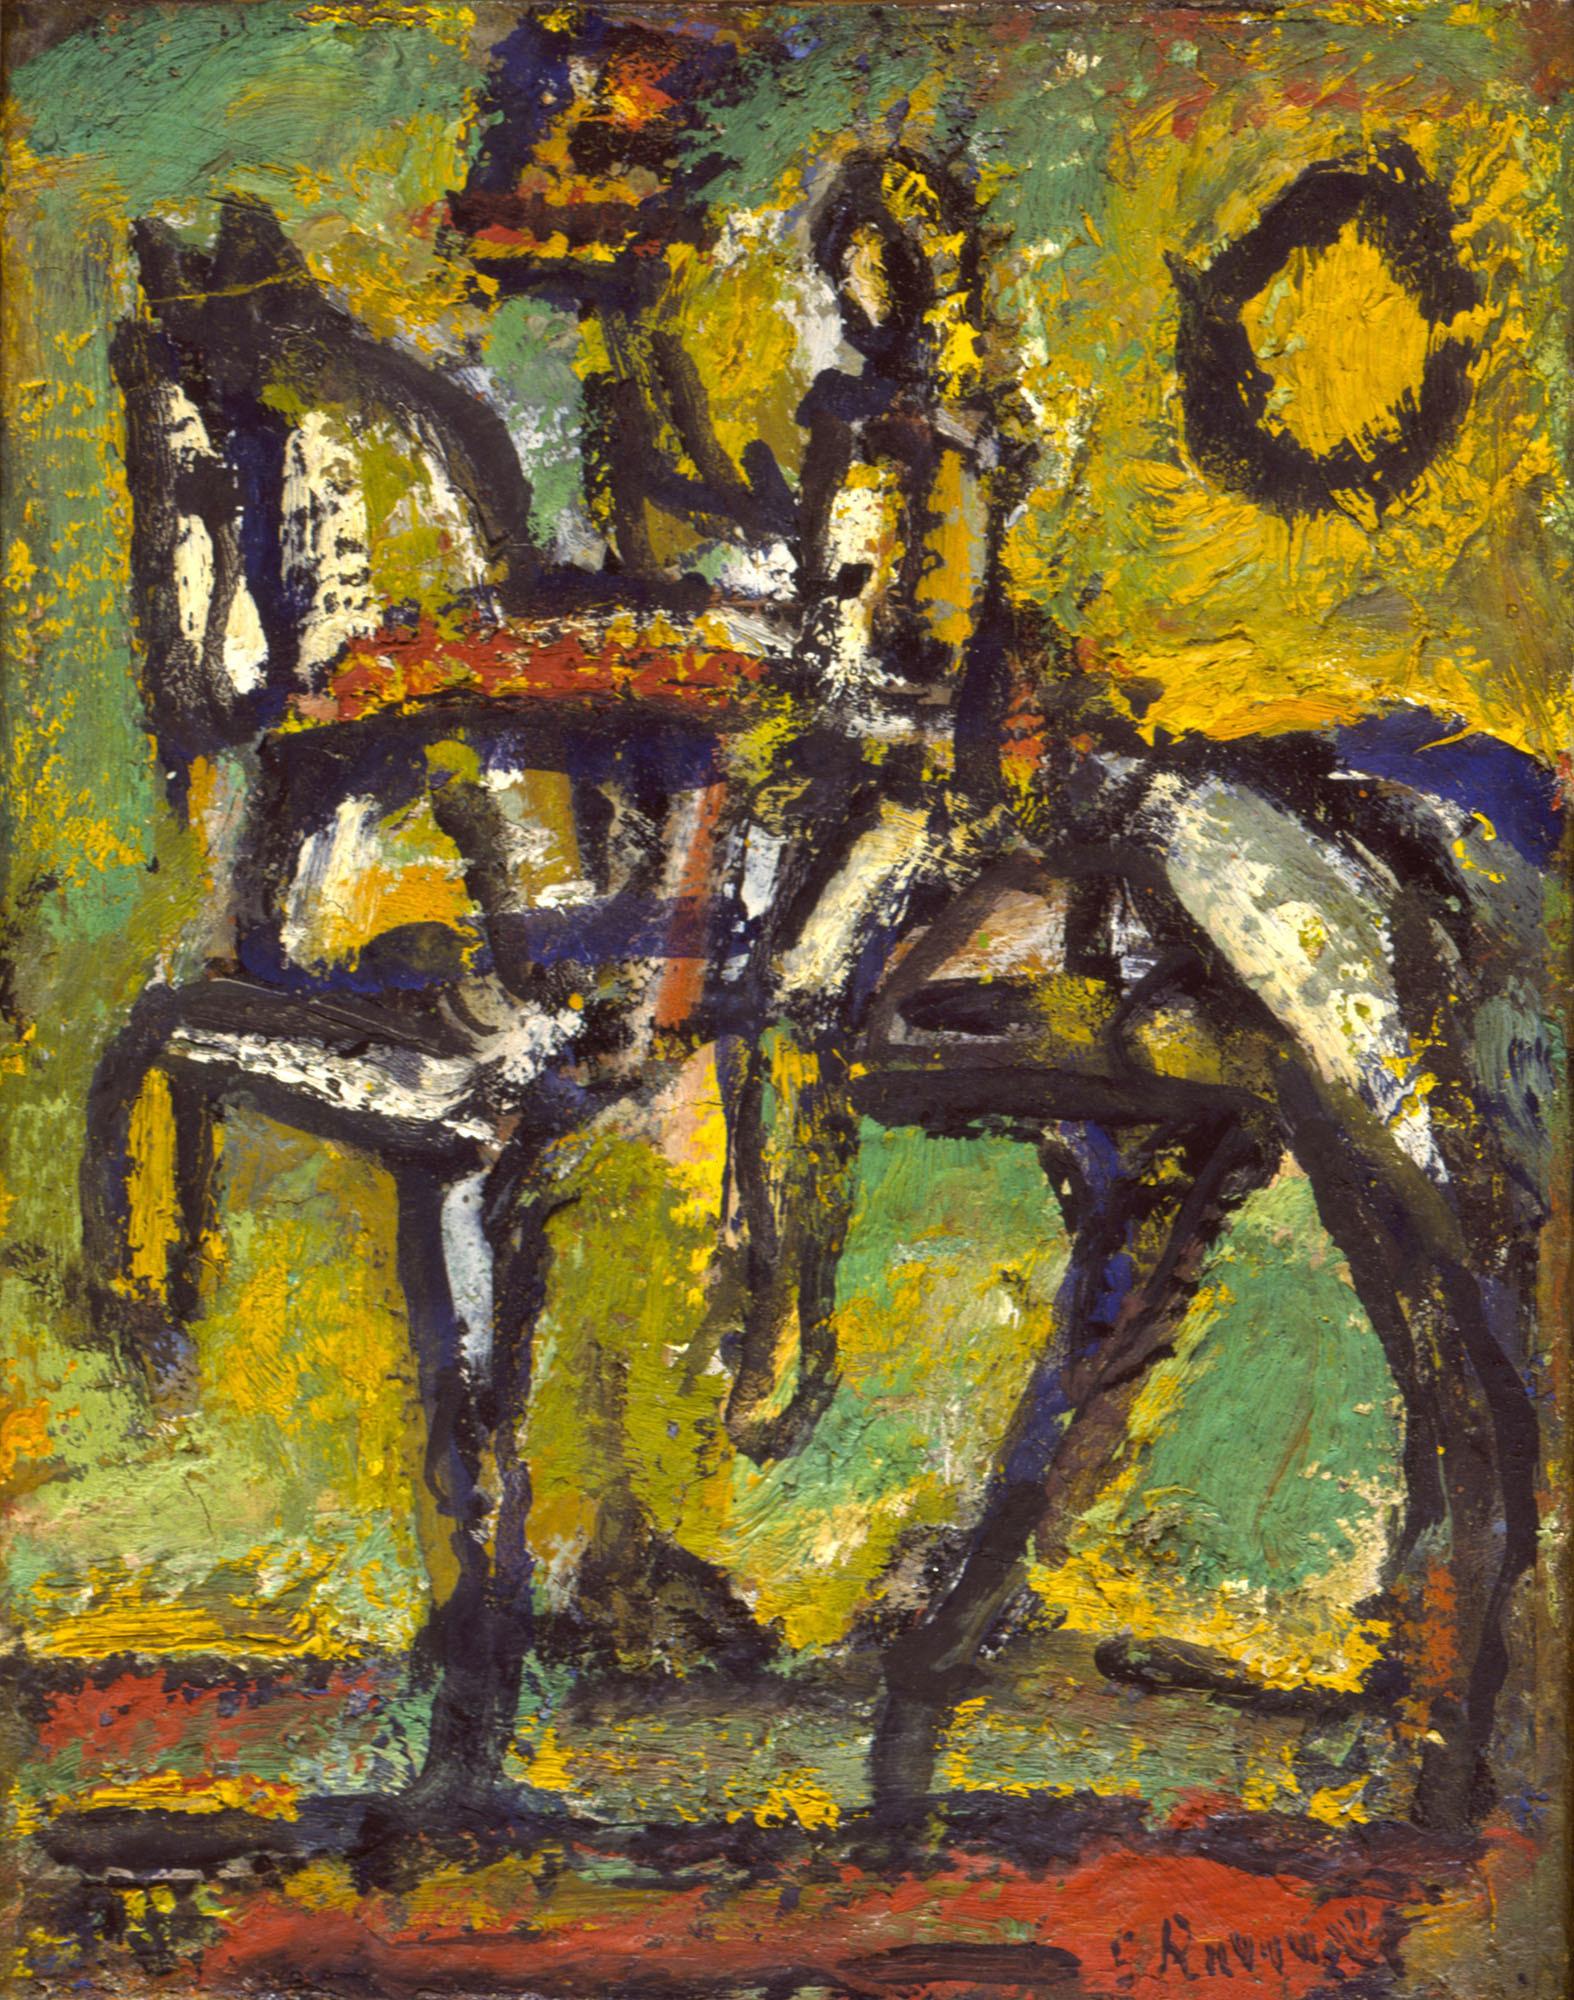 ジョルジュ・ルオー《聖ジャンヌ・ダルク》「古い町外れ」1951年 個人蔵(ジョルジュ・ルオー財団協力)、パリ